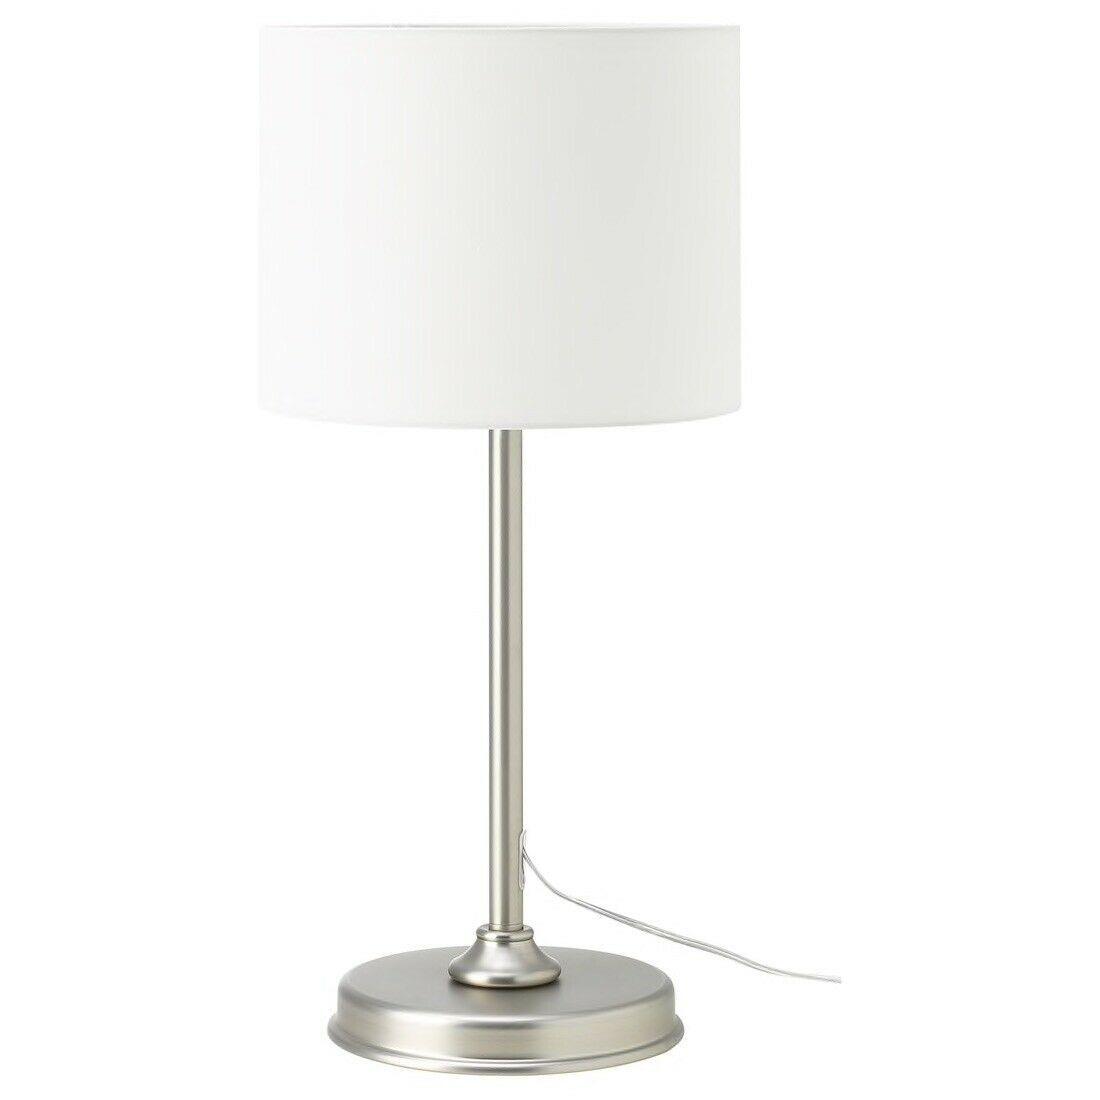 IKEA MILLERYR Table lamp, white, nickel plated (adjustable)